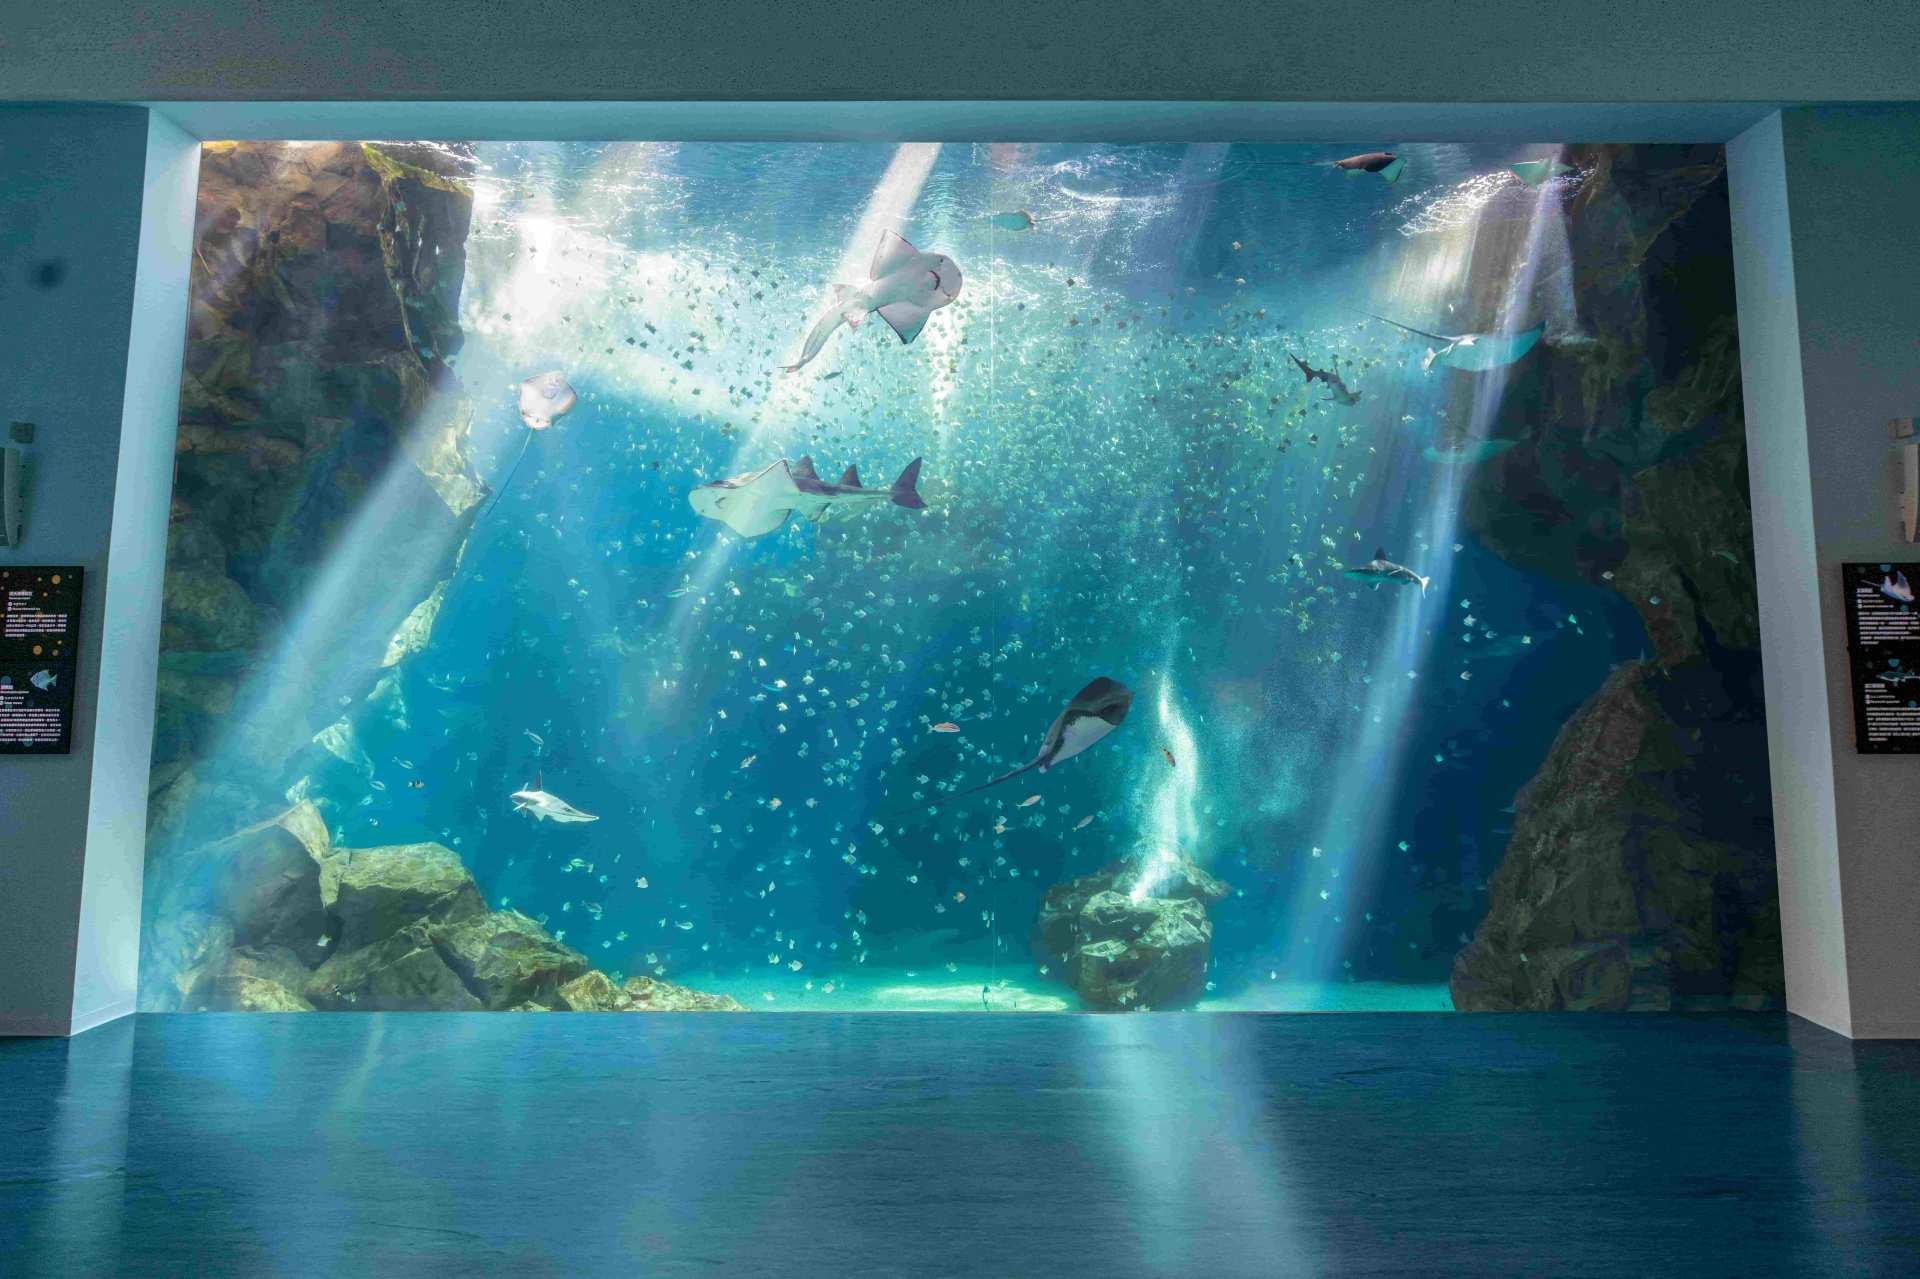 台湾・桃園 都市型水族館 Xpark(エックスパーク)入場チケット